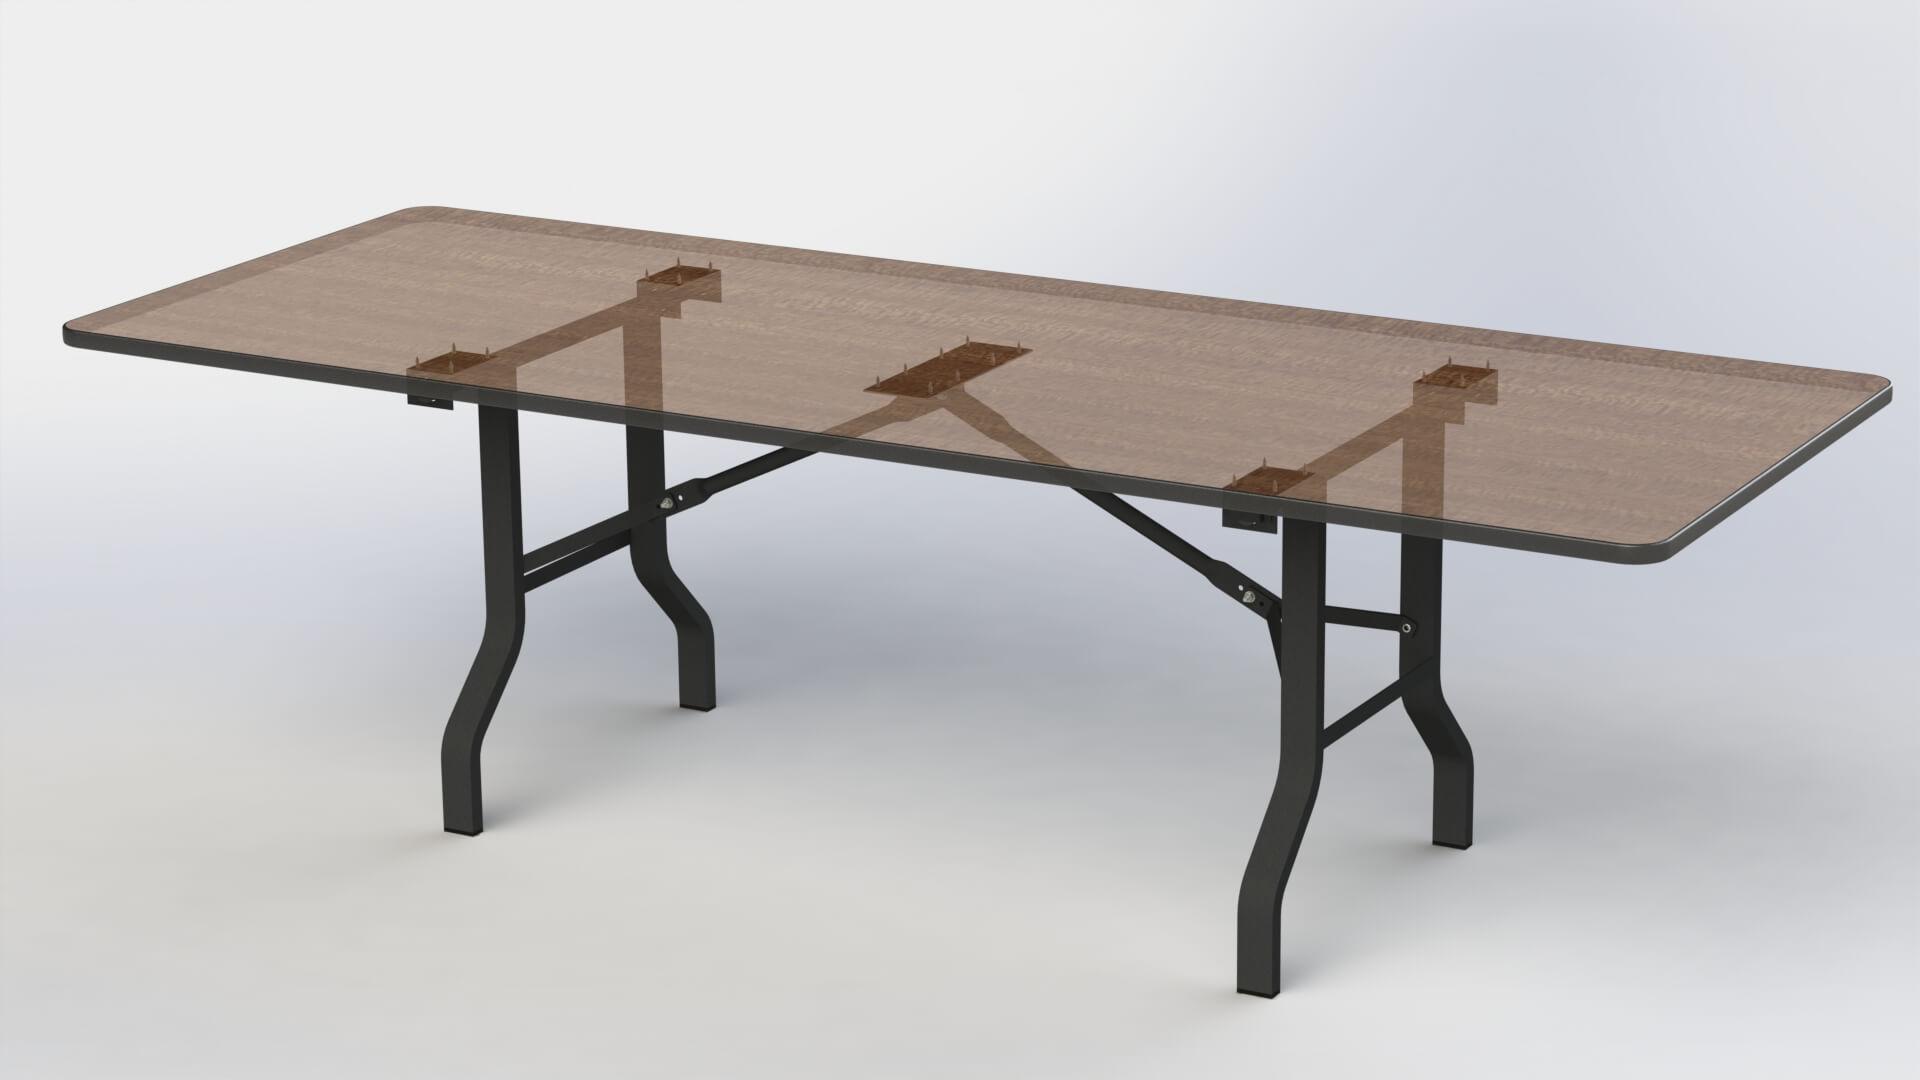 - Gorilla Legs - Heavy Duty Folding Table Legs